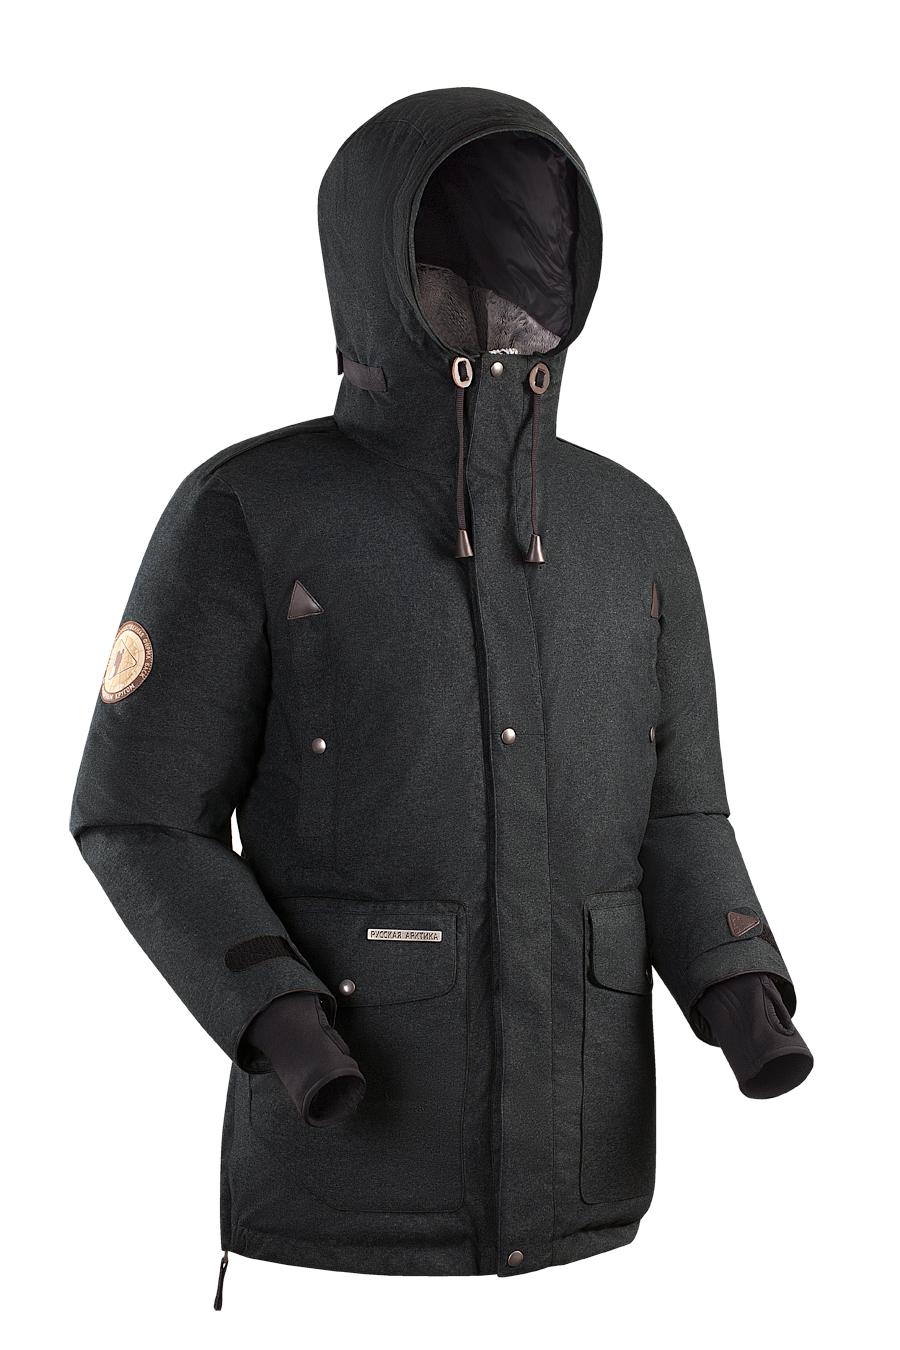 Пуховая куртка BASK PUTORANA SOFT 3774aМужская зимняя пуховая куртка-парка PUTORANA SOFT c мембранной тканью и температурным режимом -35 &amp;deg;С.<br><br>Верхняя ткань: Advance® Alaska Soft Melange<br>Вес граммы: 1920<br>Вес утеплителя: 400<br>Ветро-влагозащитные свойства верхней ткани: Да<br>Ветрозащитная планка: Да<br>Ветрозащитная юбка: Нет<br>Влагозащитные молнии: Нет<br>Внутренние манжеты: Да<br>Внутренняя ткань: Advance® Classic<br>Водонепроницаемость: 10000<br>Дублирующий центральную молнию клапан: Да<br>Защитный козырёк капюшона: Нет<br>Капюшон: несъемный<br>Карман для средств связи: Нет<br>Количество внешних карманов: 8<br>Количество внутренних карманов: 2<br>Мембрана: да<br>Объемный крой локтевой зоны: Нет<br>Отстёгивающиеся рукава: Нет<br>Паропроницаемость: 5000<br>Показатель Fill Power (для пуховых изделий): 650<br>Пол: Муж.<br>Проклейка швов: Нет<br>Регулировка манжетов рукавов: Да<br>Регулировка низа: Нет<br>Регулировка объёма капюшона: Да<br>Регулировка талии: Да<br>Регулируемые вентиляционные отверстия: Нет<br>Световозвращающая лента: Нет<br>Температурный режим: -35<br>Технология Thermal Welding: Нет<br>Технология швов: простые<br>Тип молнии: двухзамковая<br>Ткань усиления: нет<br>Усиление контактных зон: Нет<br>Утеплитель: гусиный пух<br>Размер RU: 56<br>Цвет: СЕРЫЙ